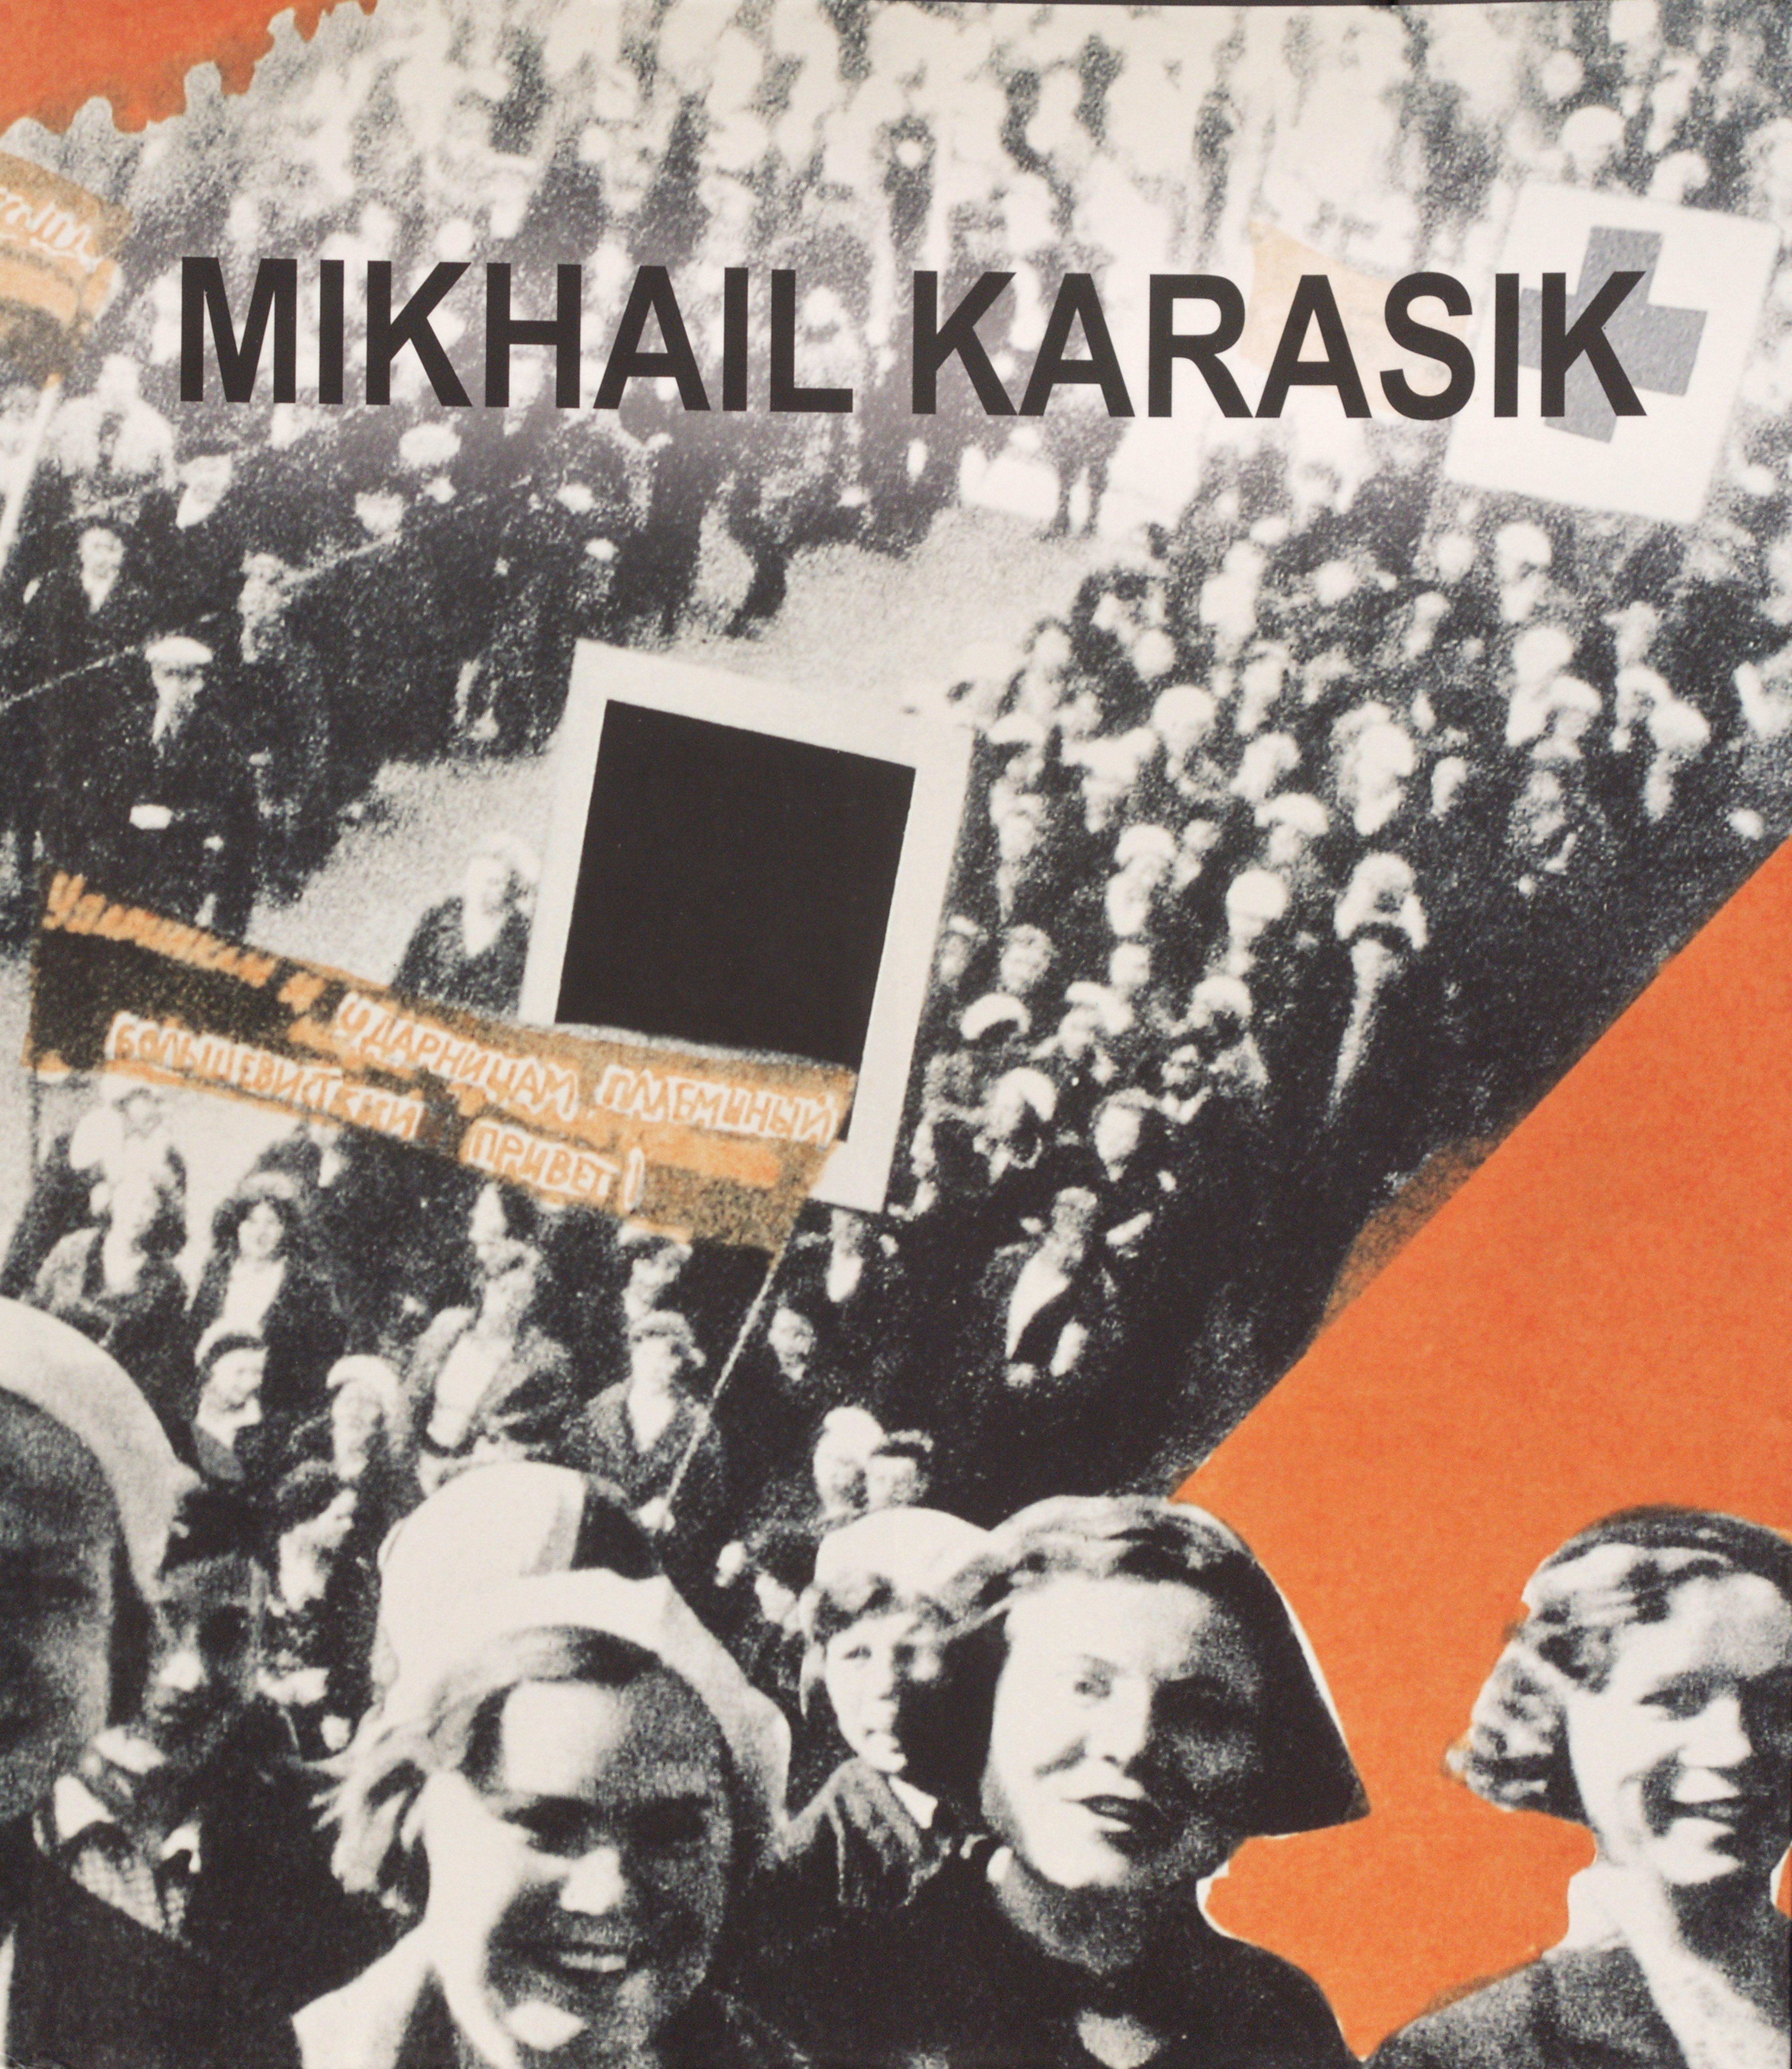 Mikhail Karasik